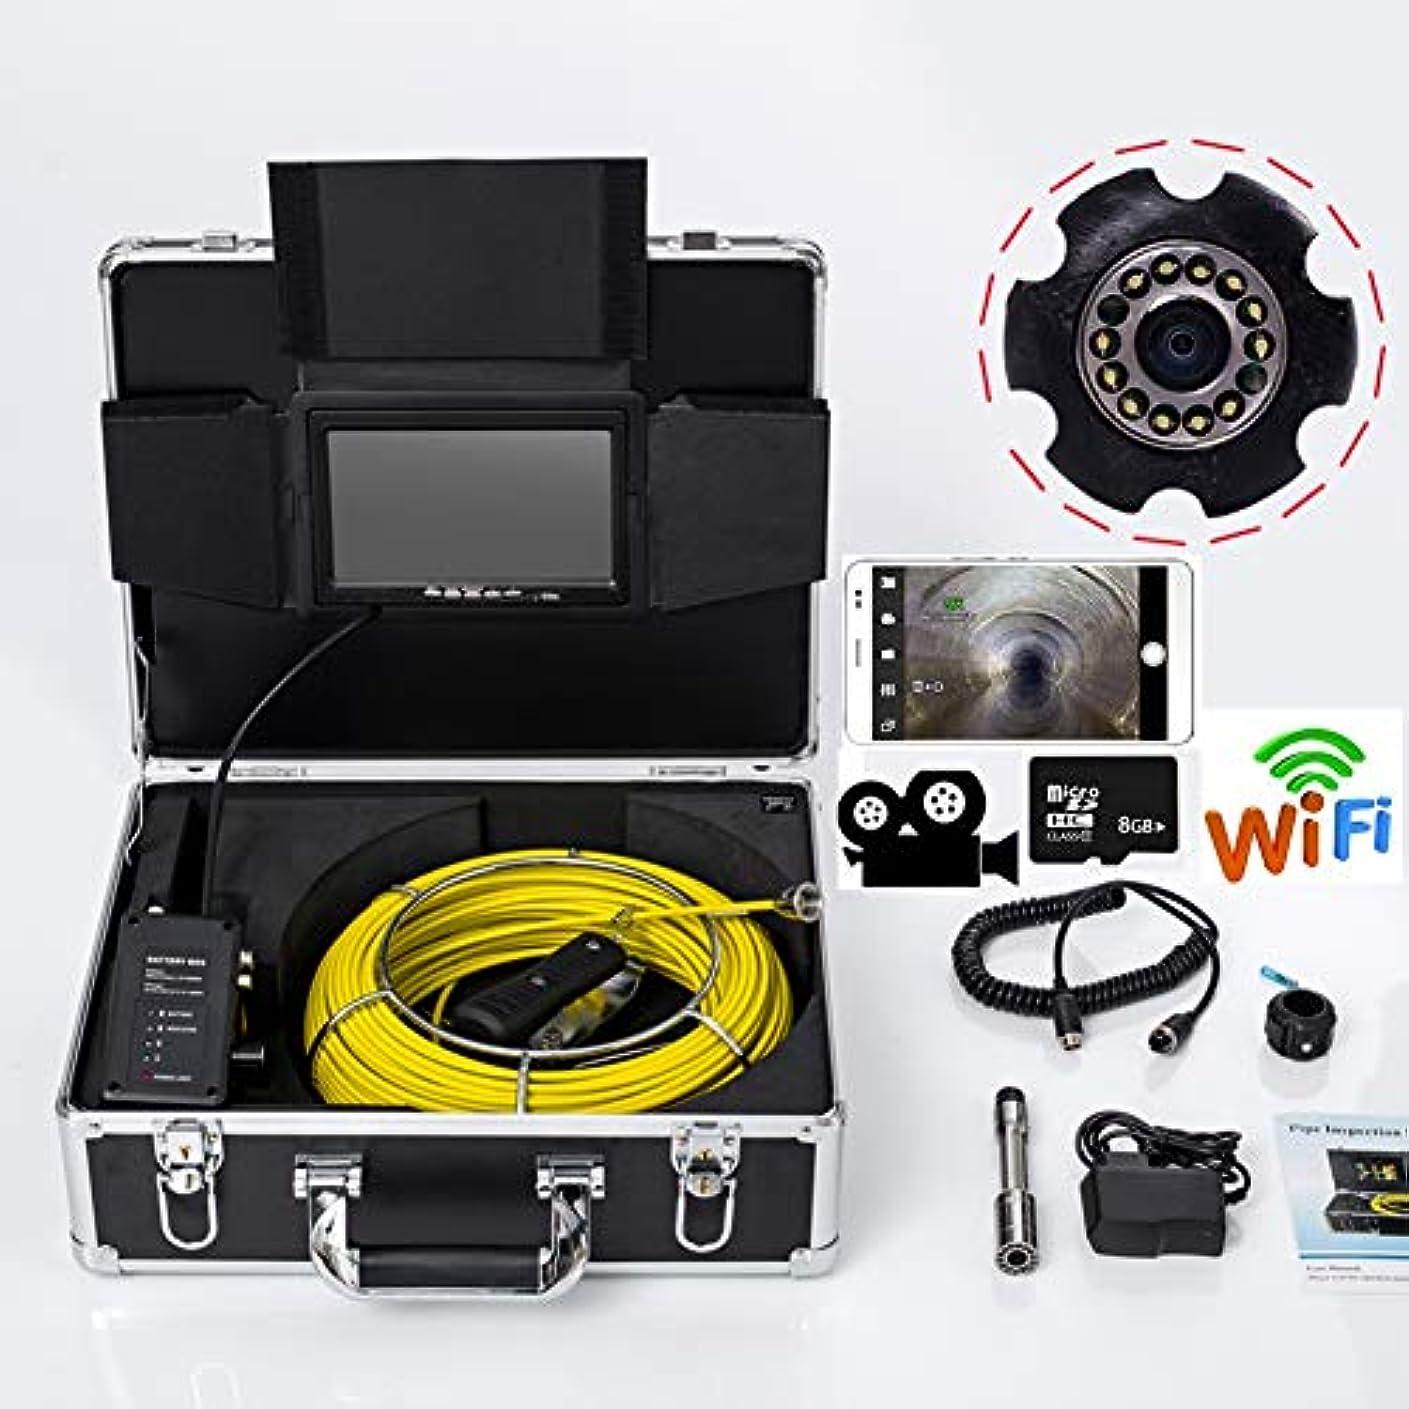 7インチWiFi 23ミリメートル工業用パイプライン下水道検知カメラIP68防水排水検知1000 TVLカメラDVR機能,40M